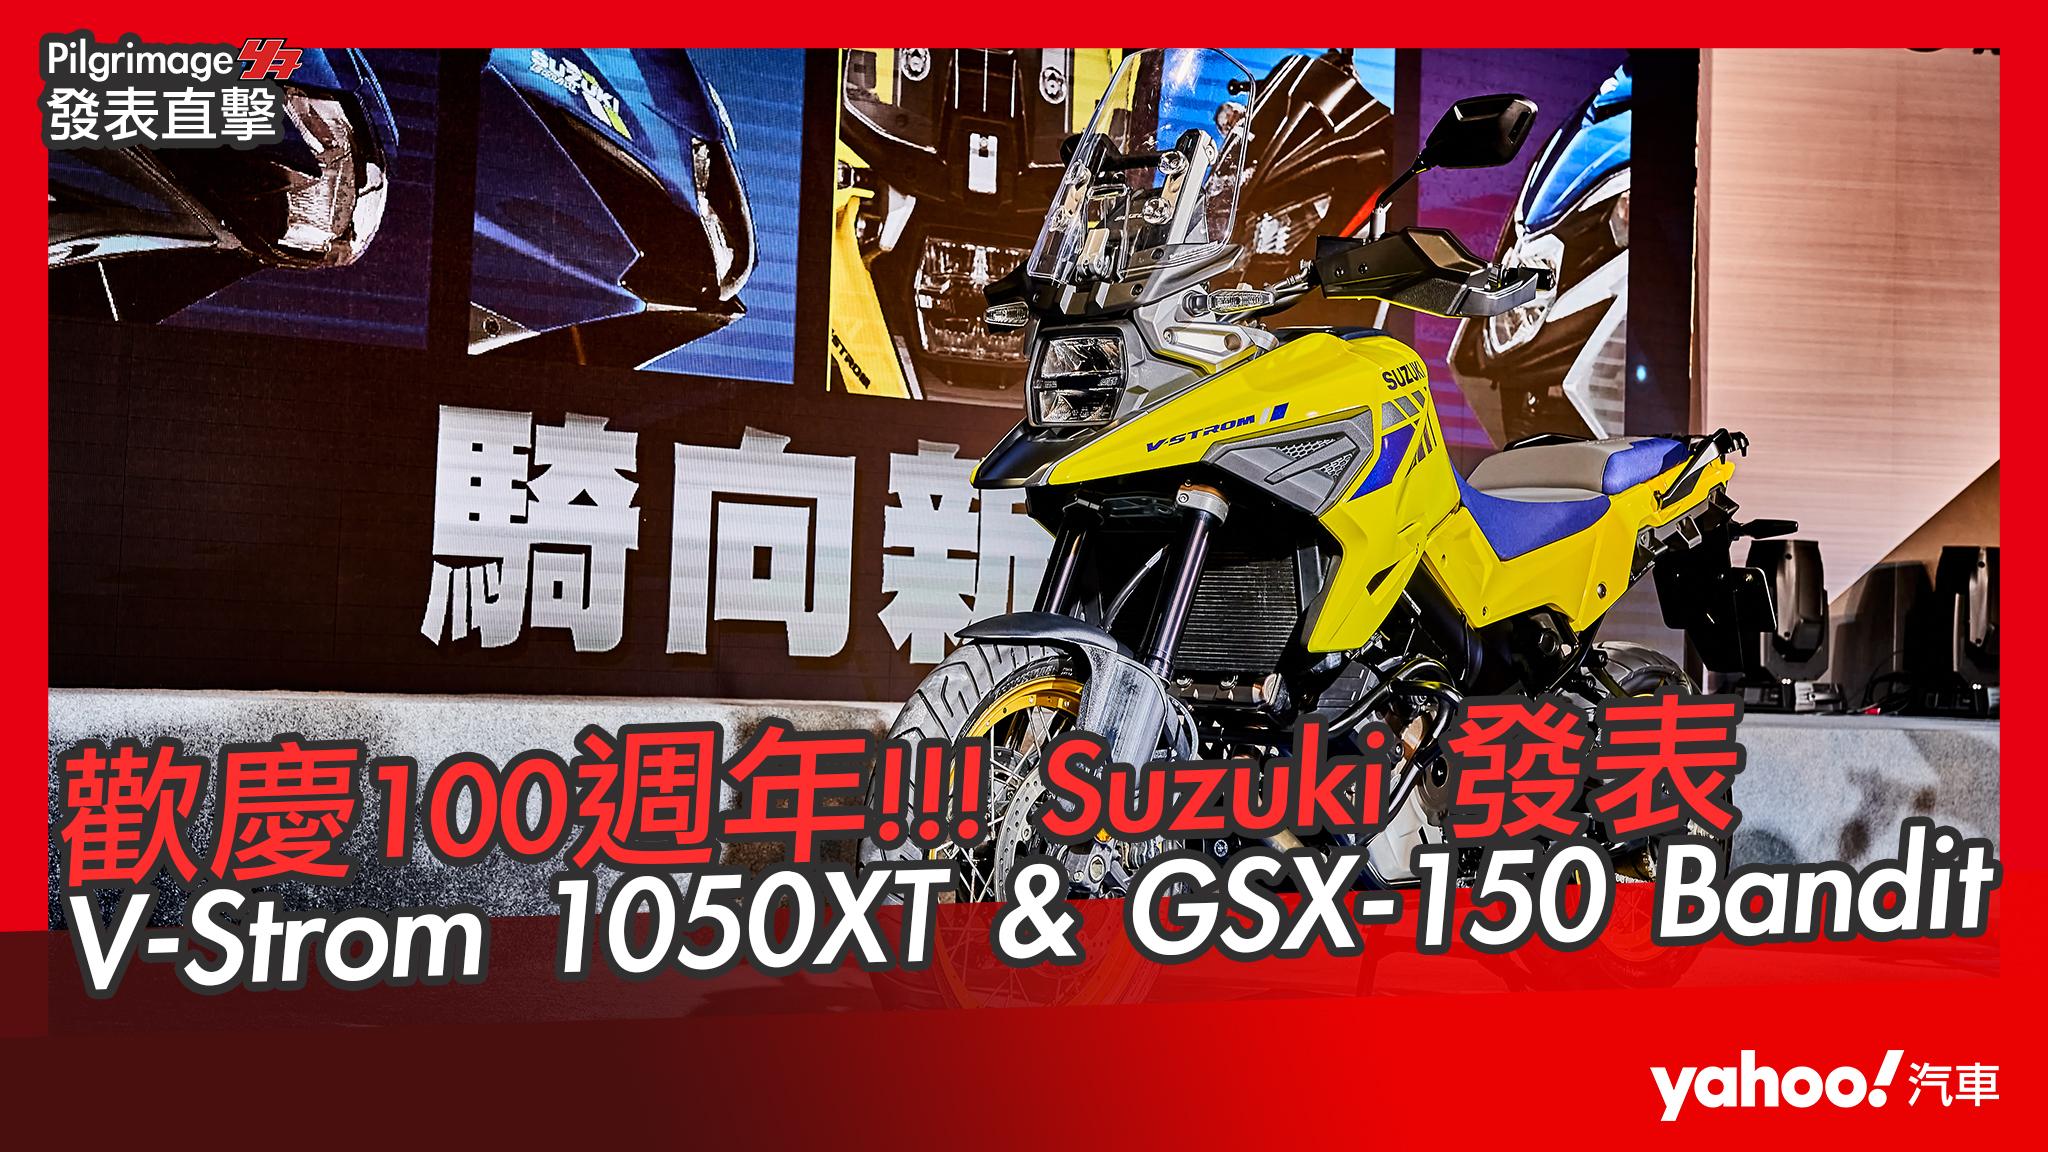 【發表直擊】2020 Suzuki 100週年V-Strom 1050 XT & GSX-150 Bandit抵台賞車直播